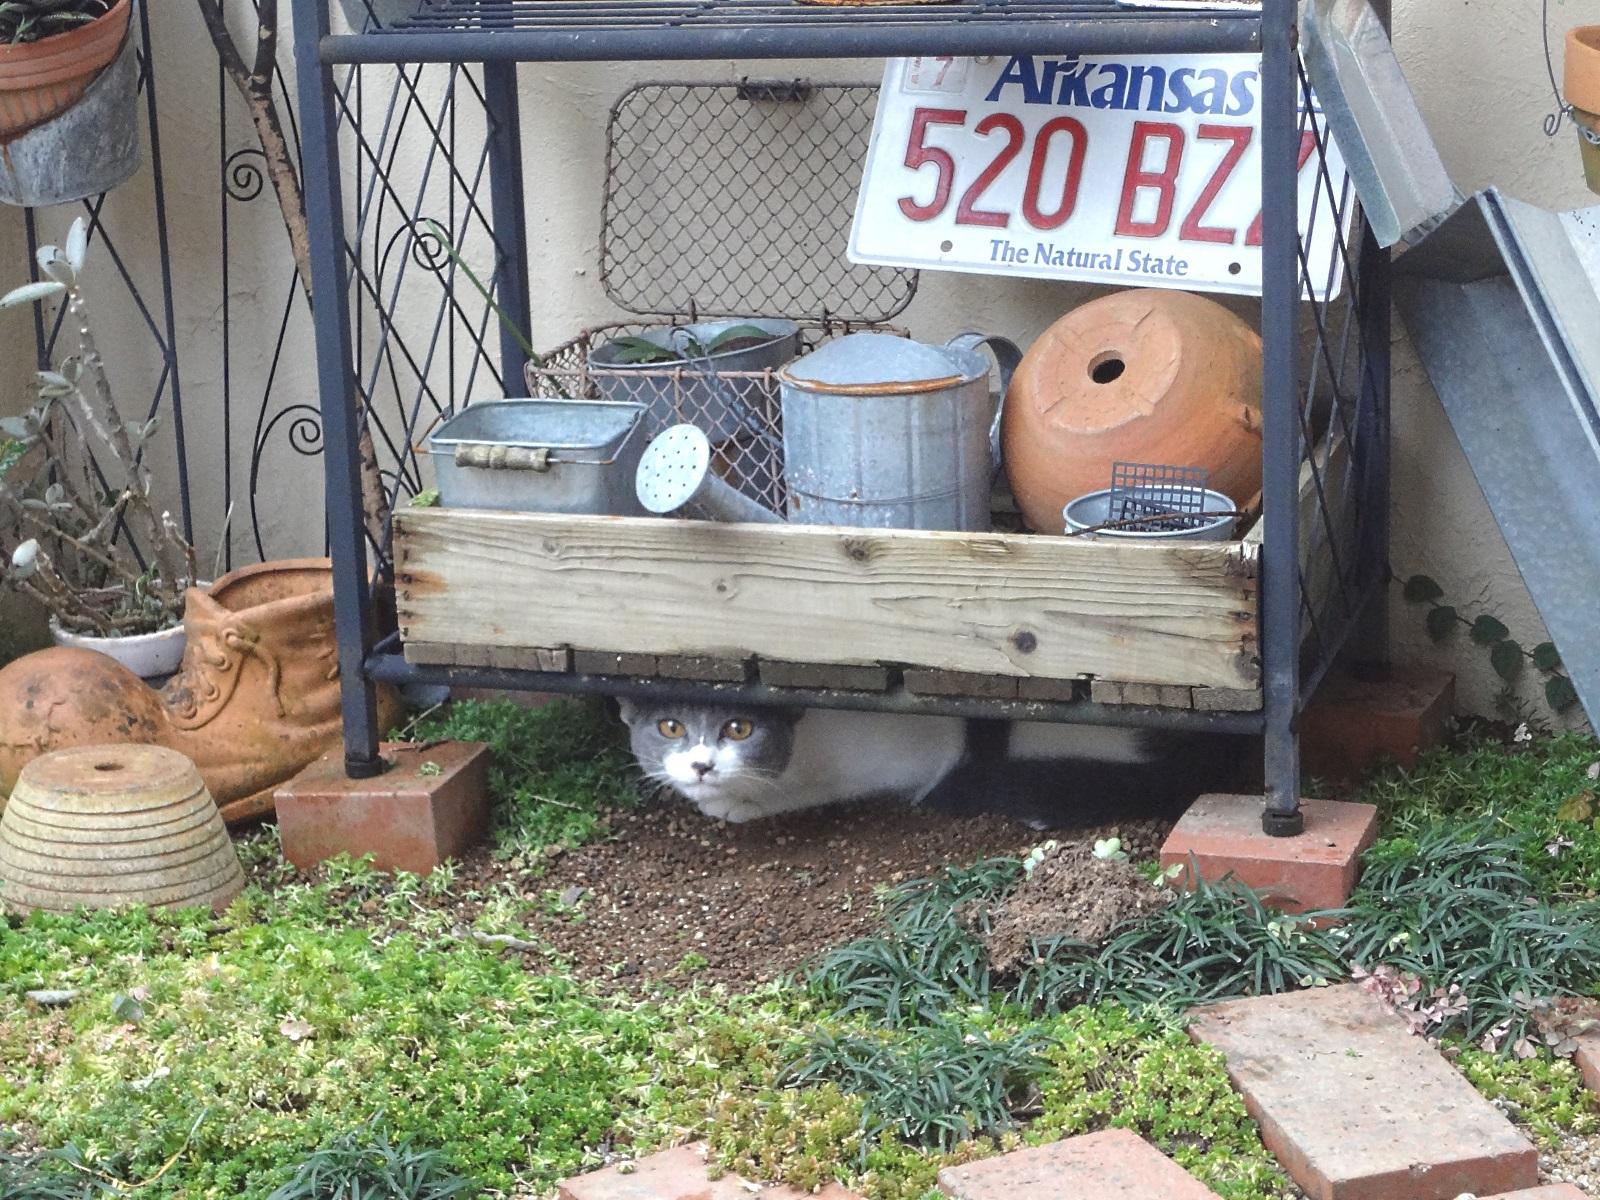 中庭の棚に潜って遊んでいる猫の写真